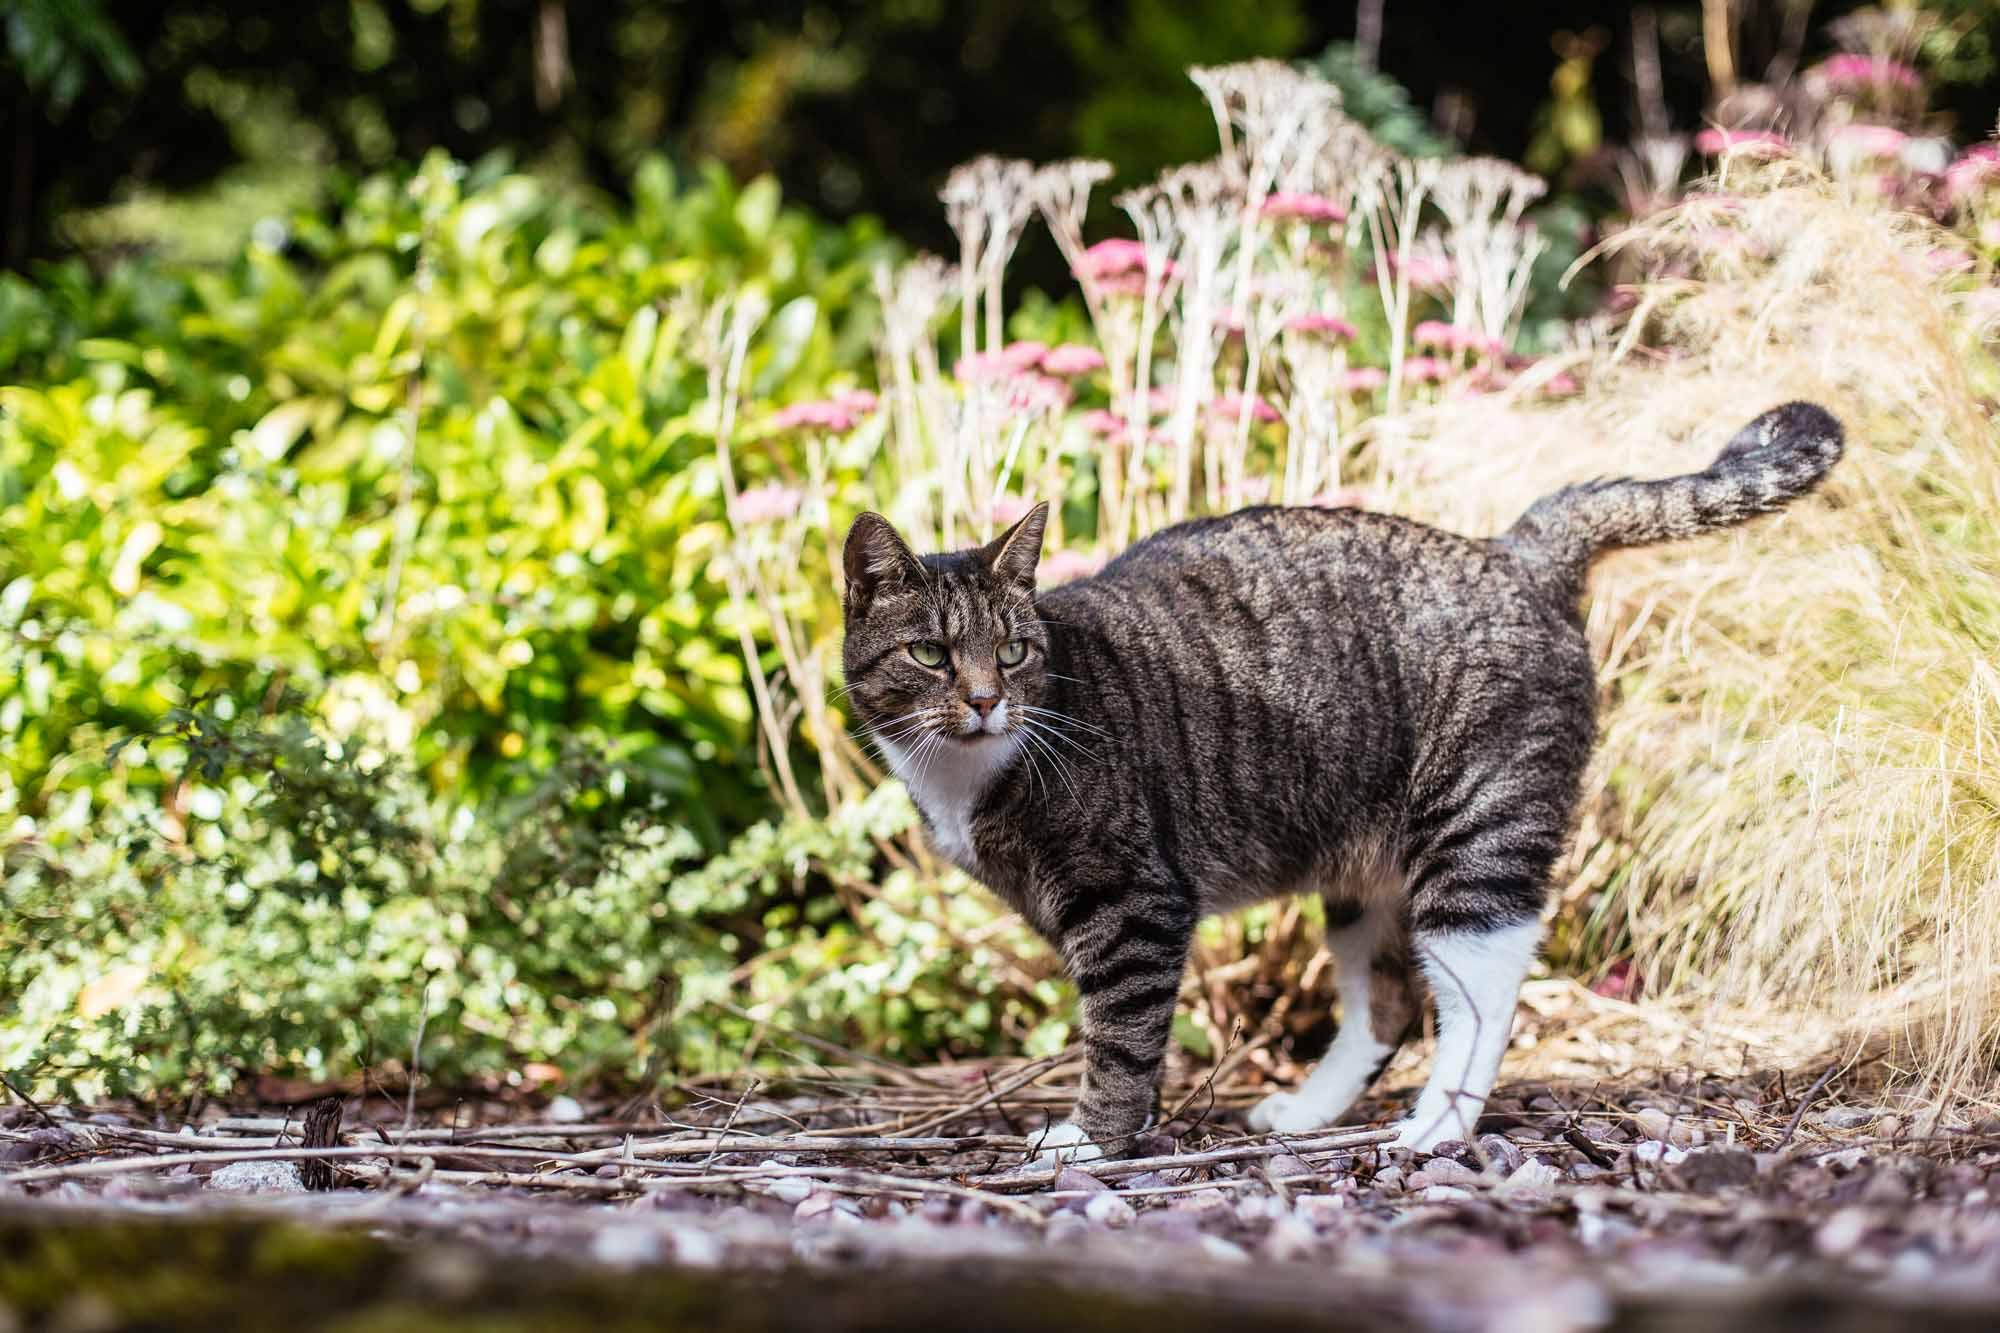 Cressbrook Hall Cat